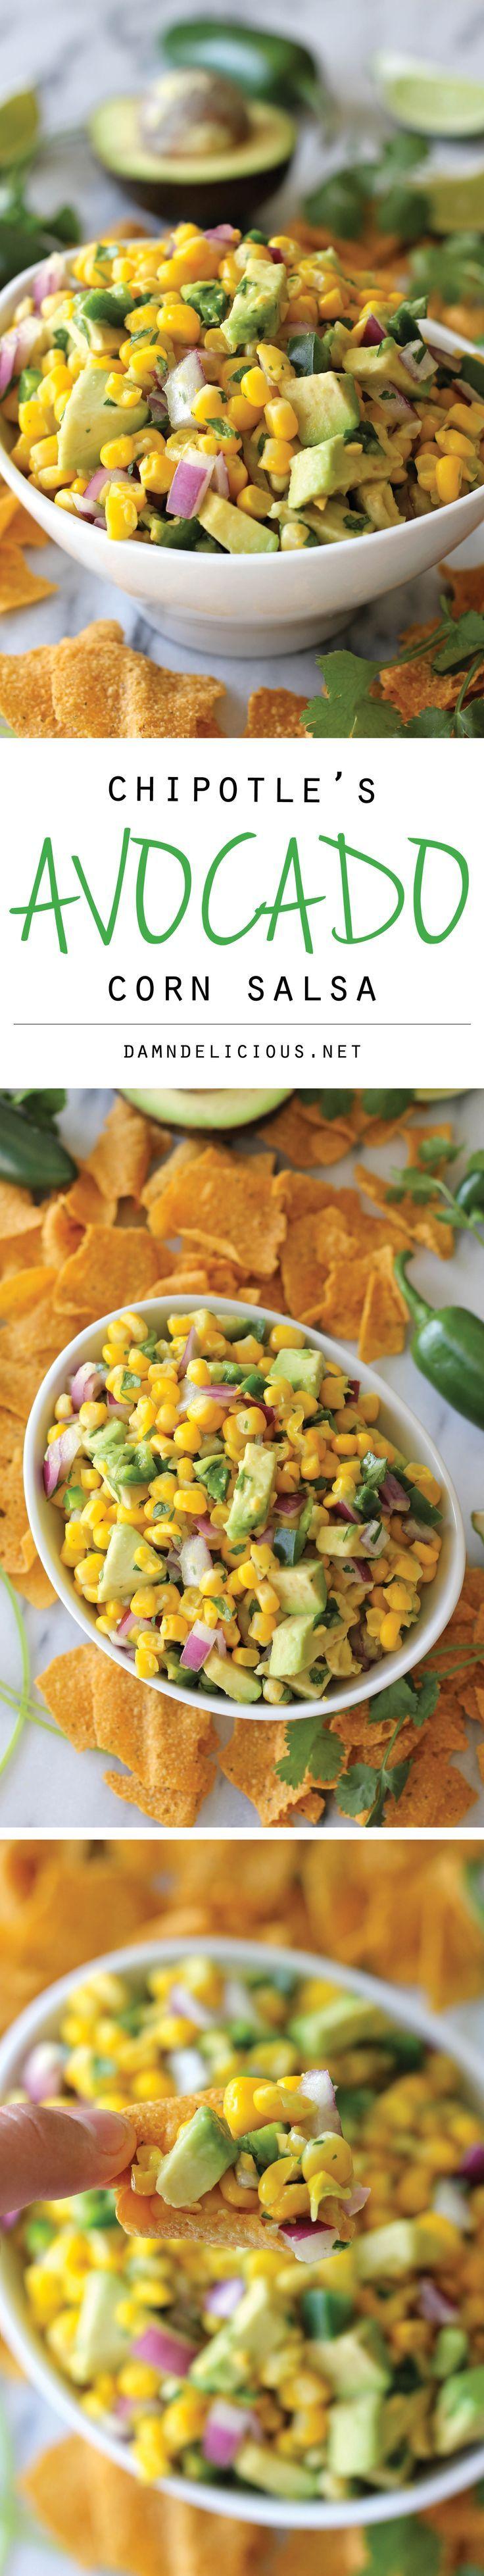 Aguacate salsa de maíz - los gustos como salsa de maíz de Chipotle pero en realidad es un millón de veces mejor!